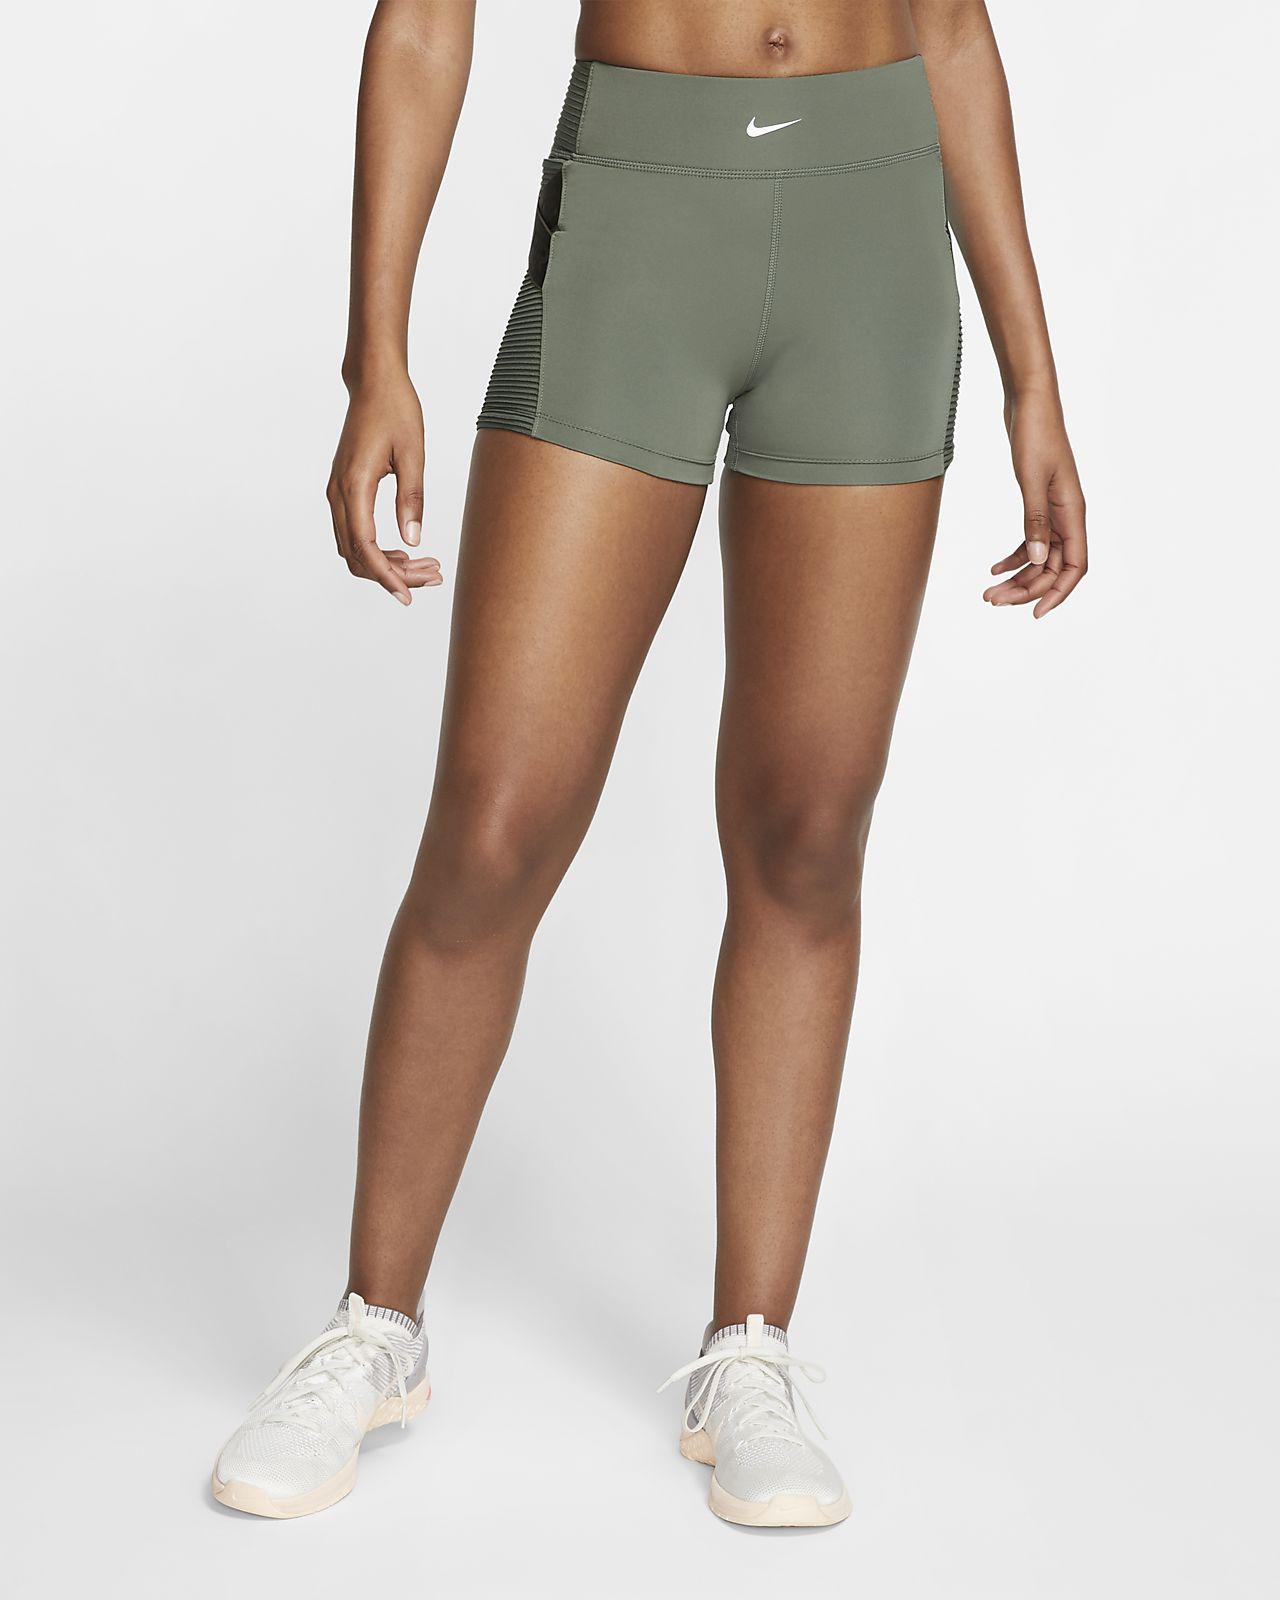 nike pro shorts 8 cm